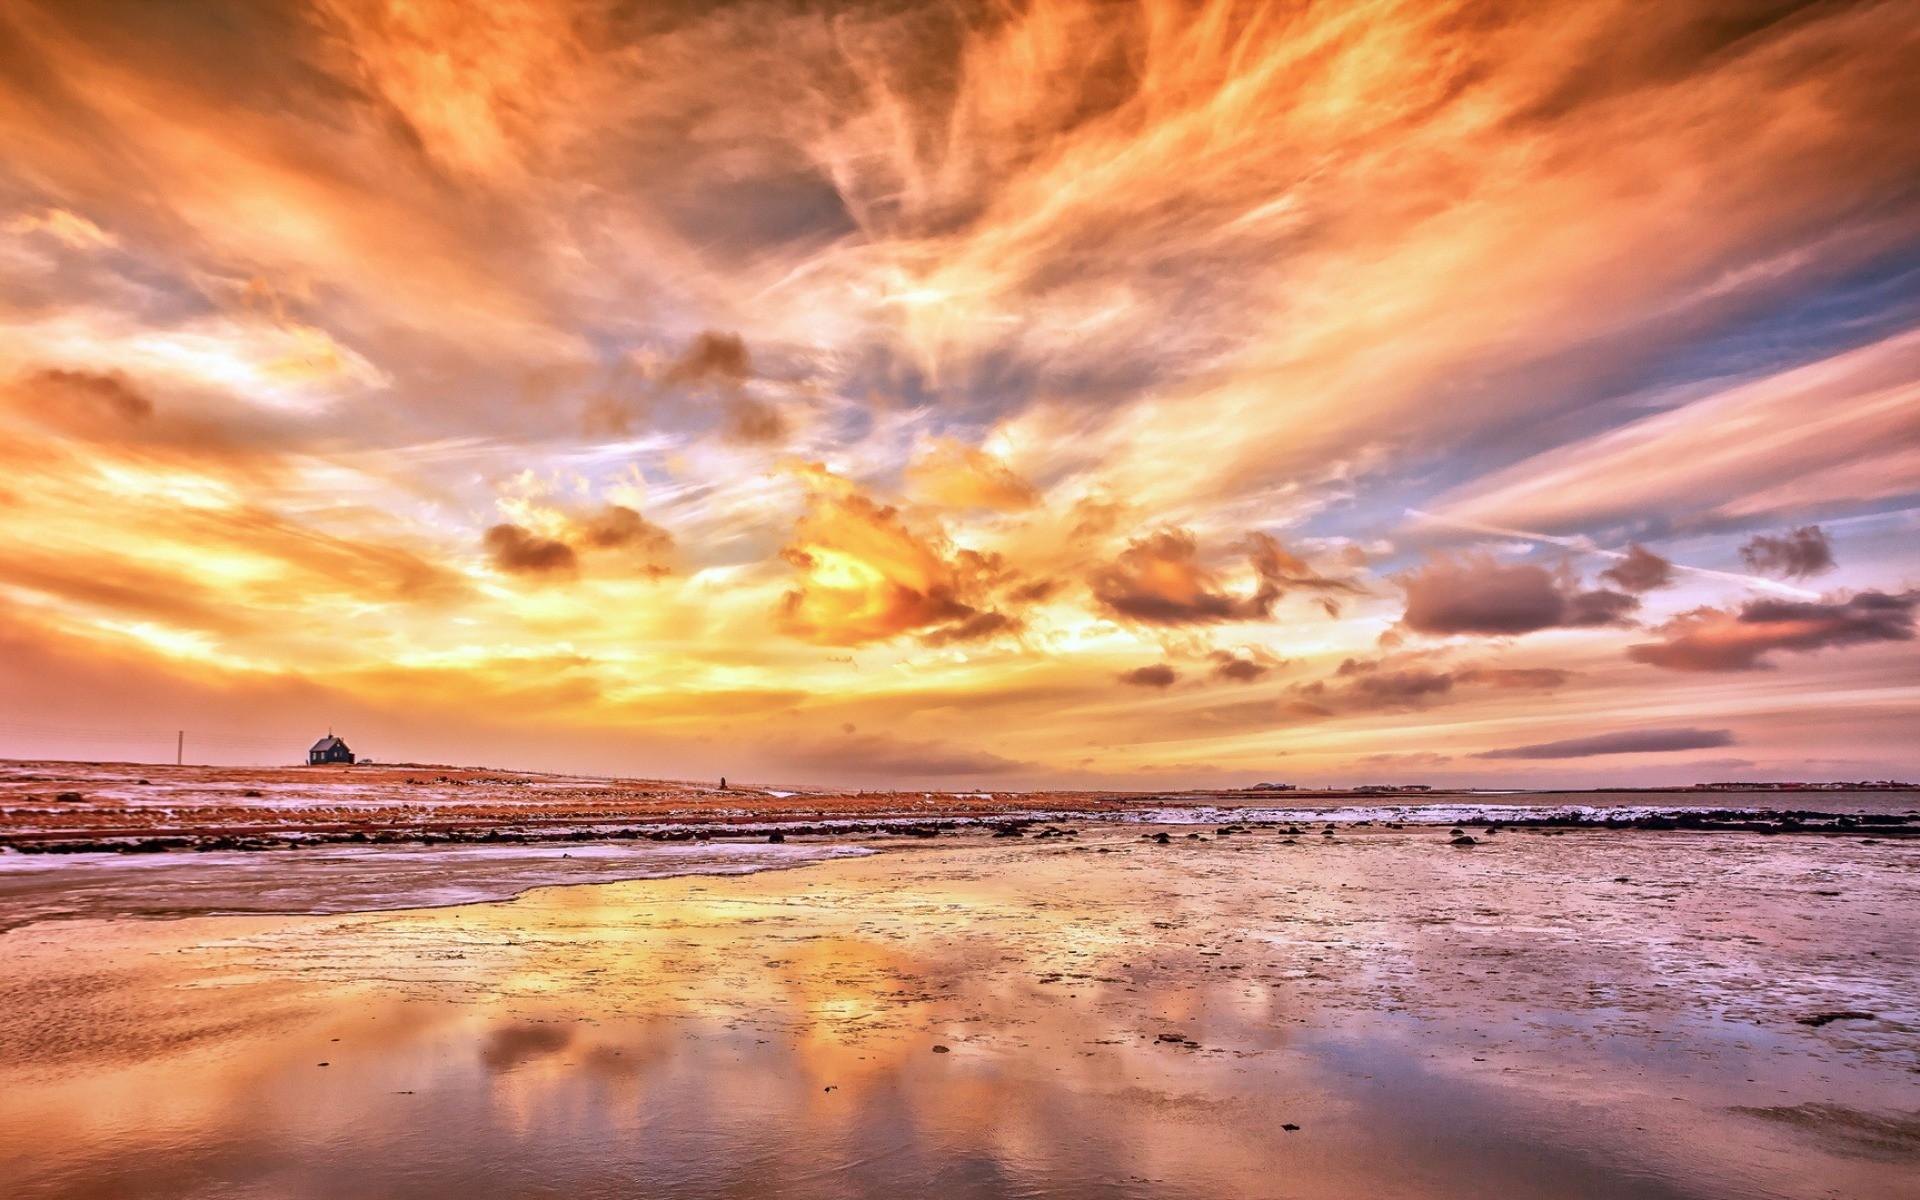 Sfondi di mare 55 immagini for Sfondi per desktop mare